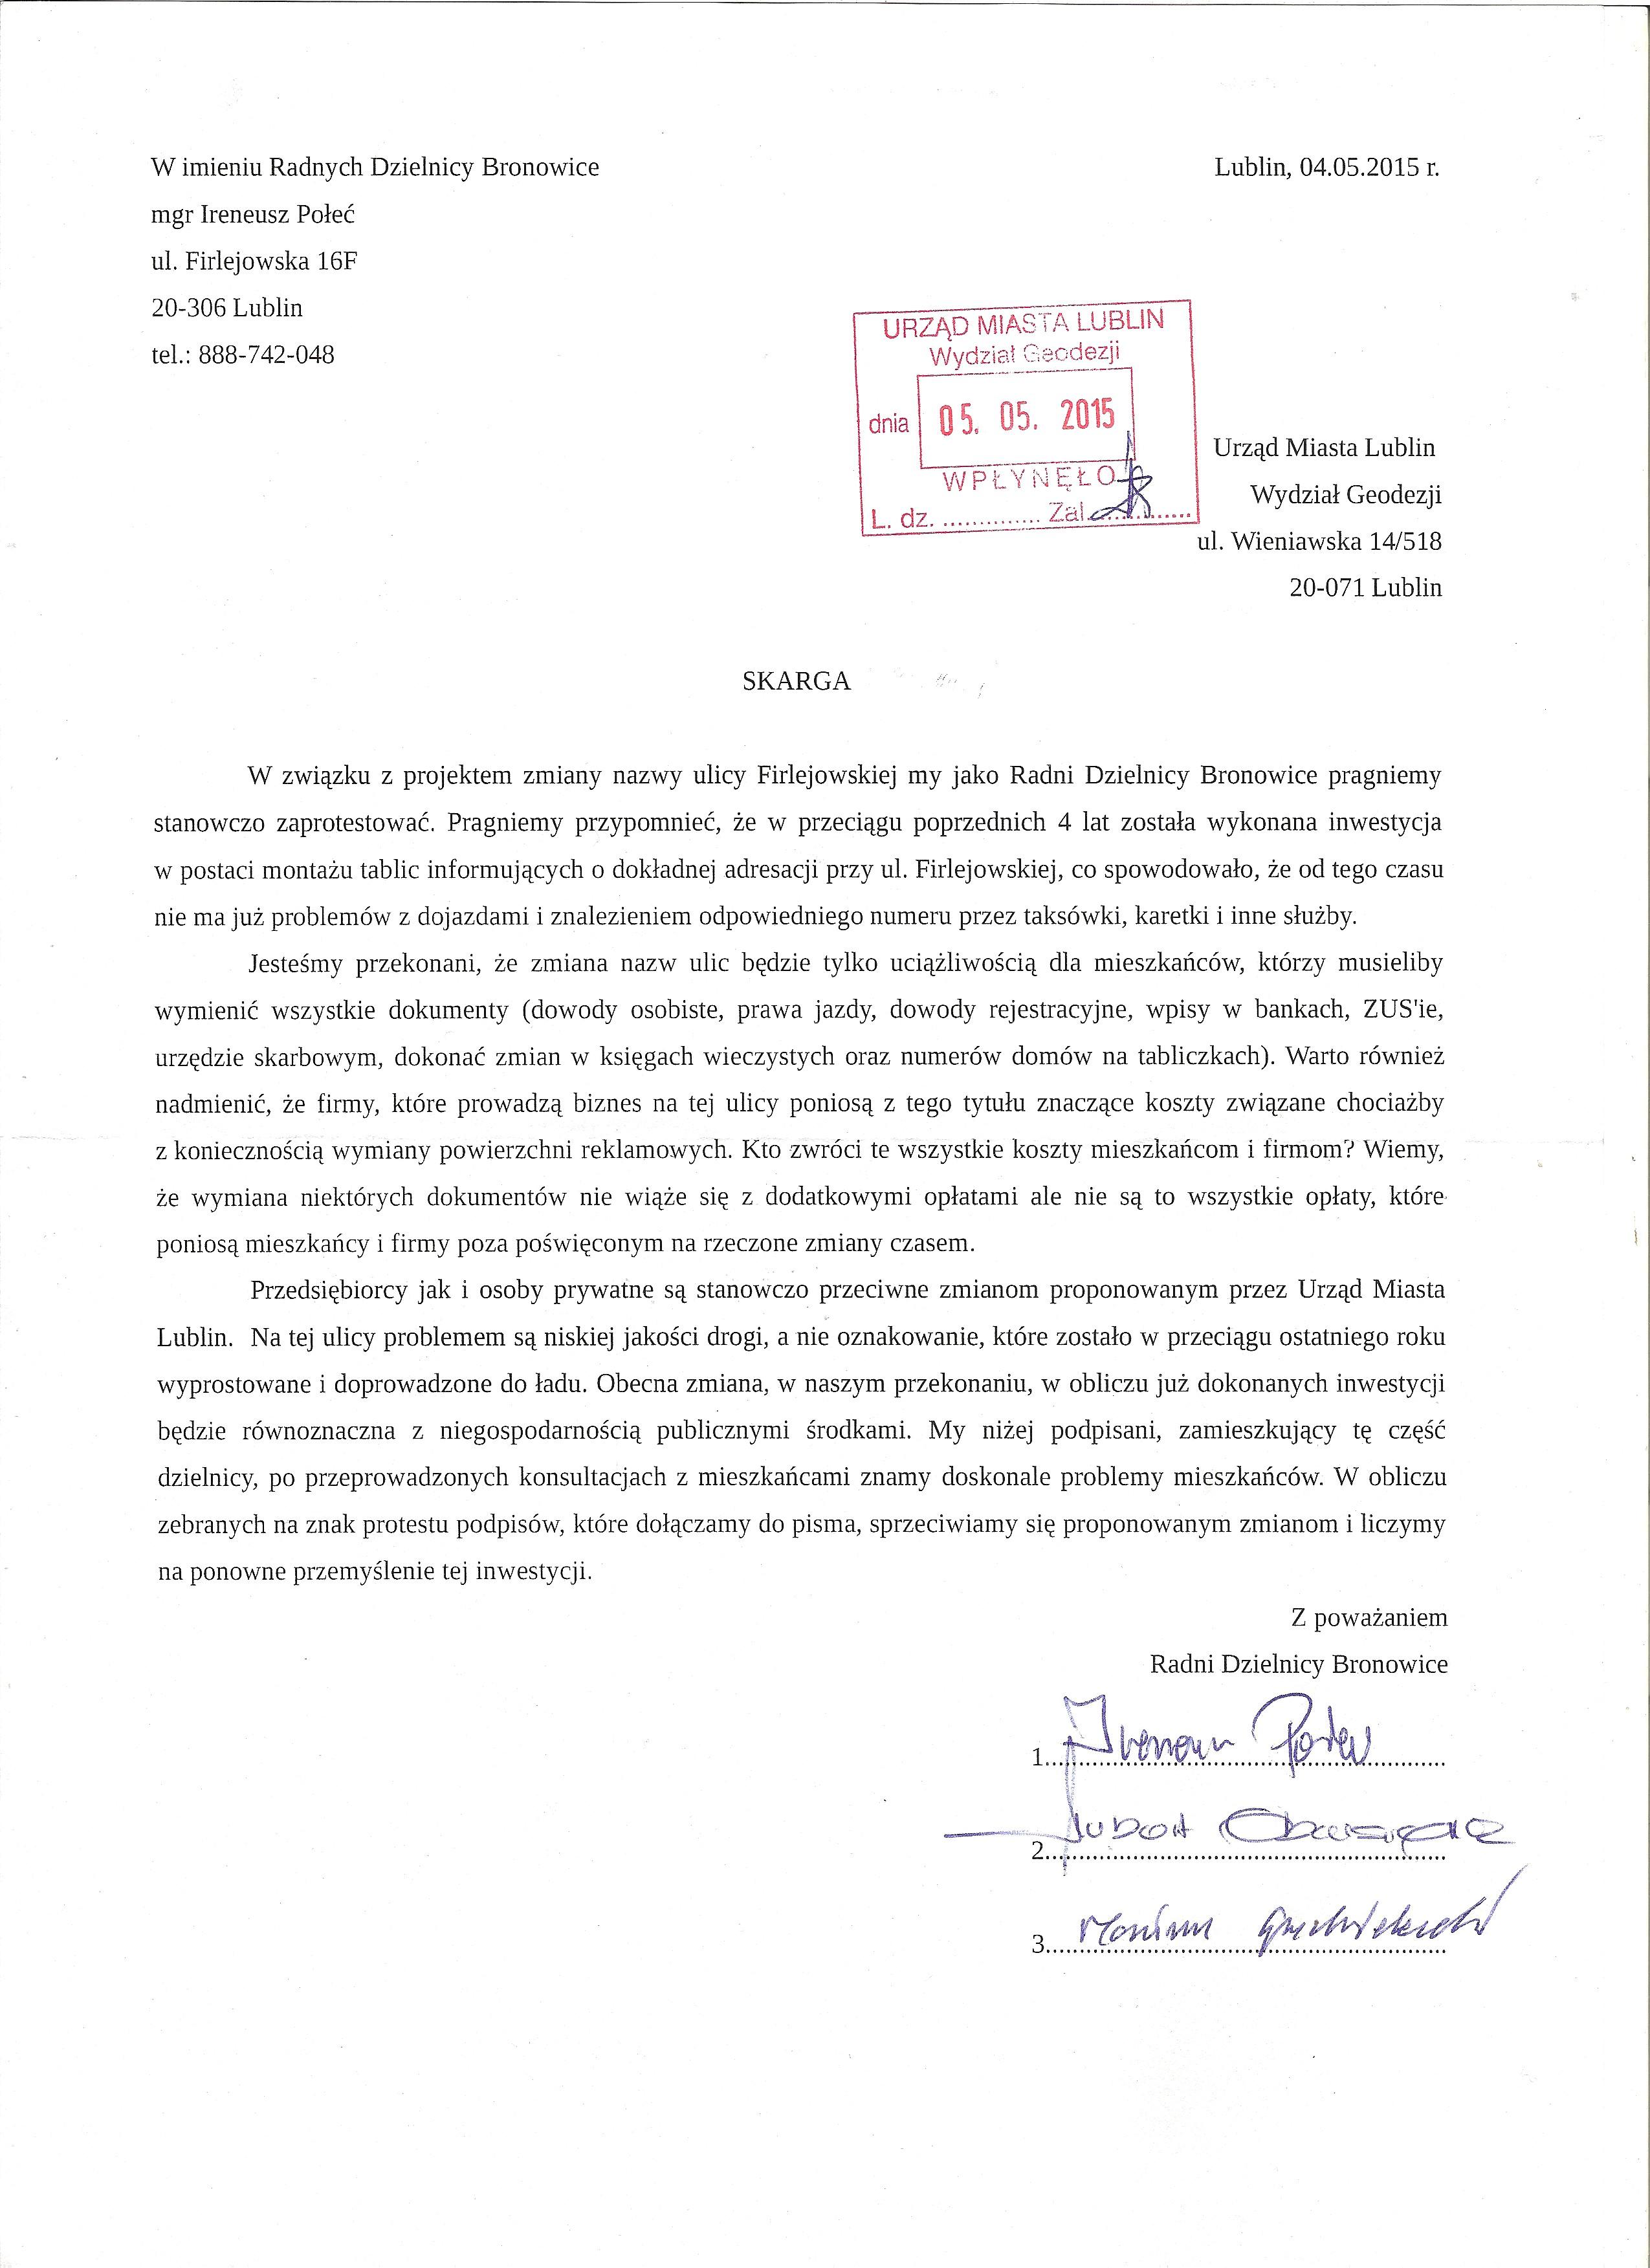 zmiana_nazwy_ul_firlejowskiej_pismo_do_urzedu